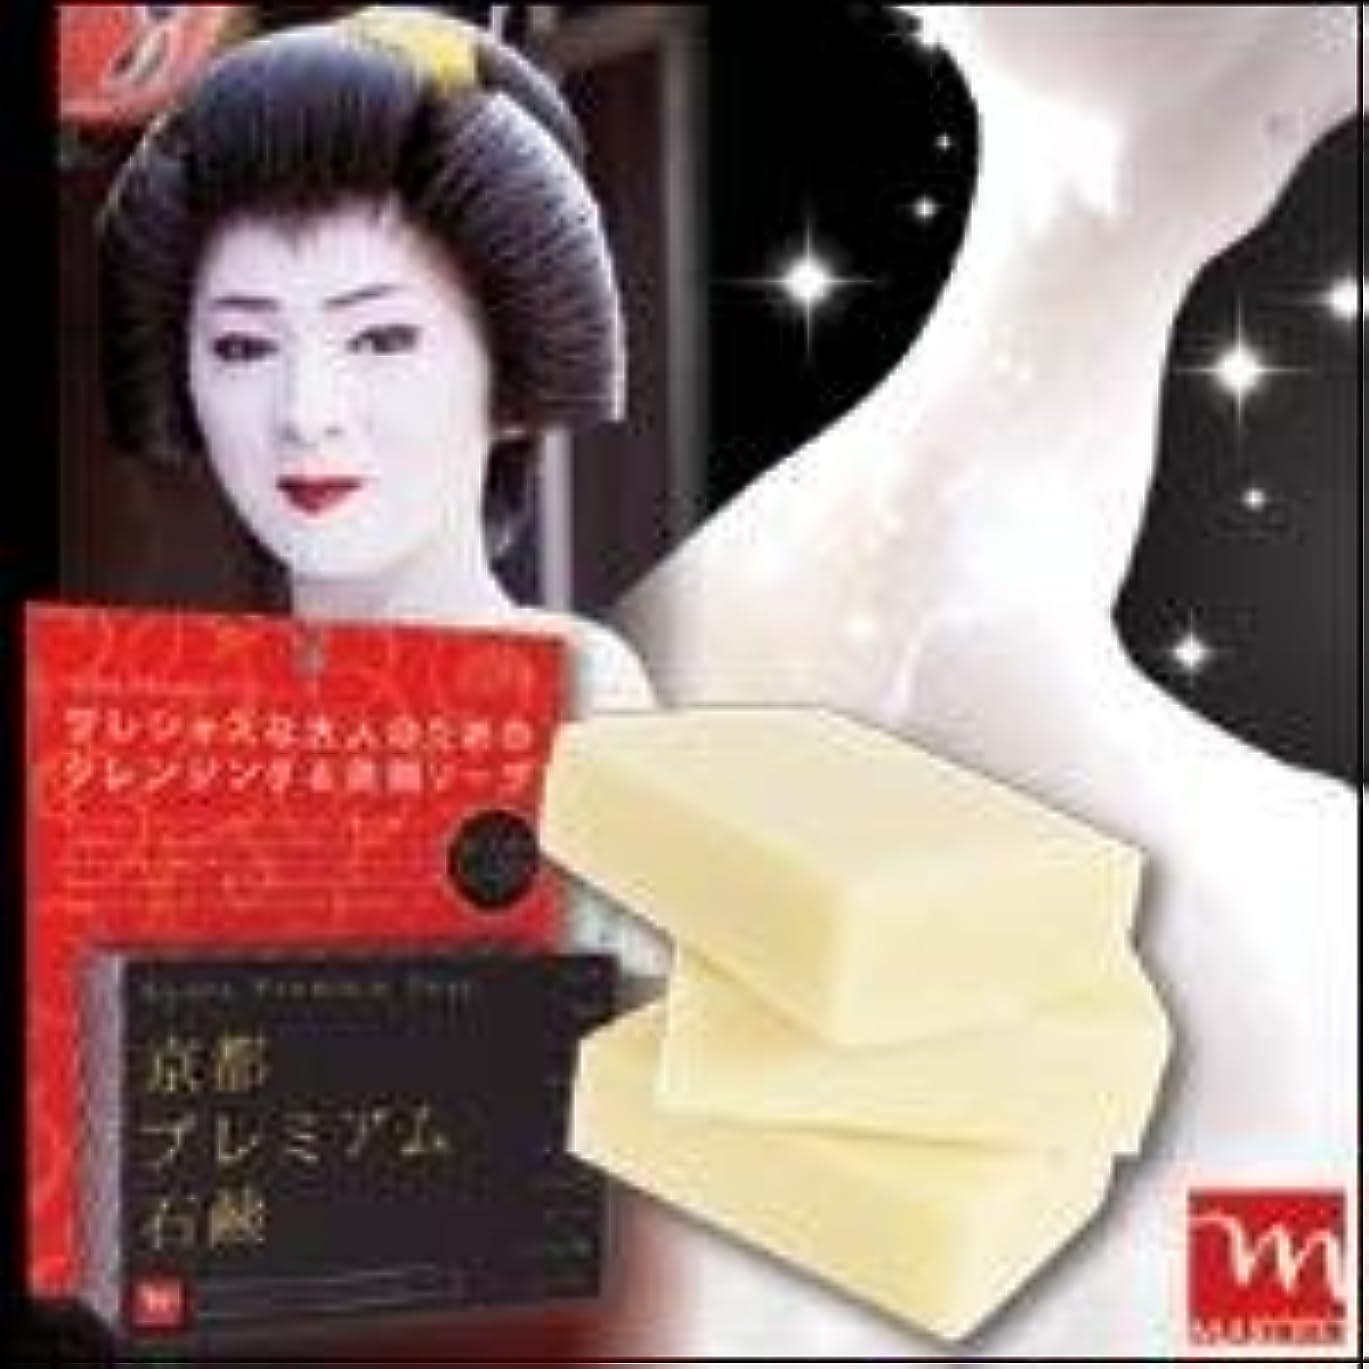 コミュニケーション設計図匿名京都プレミアム石鹸